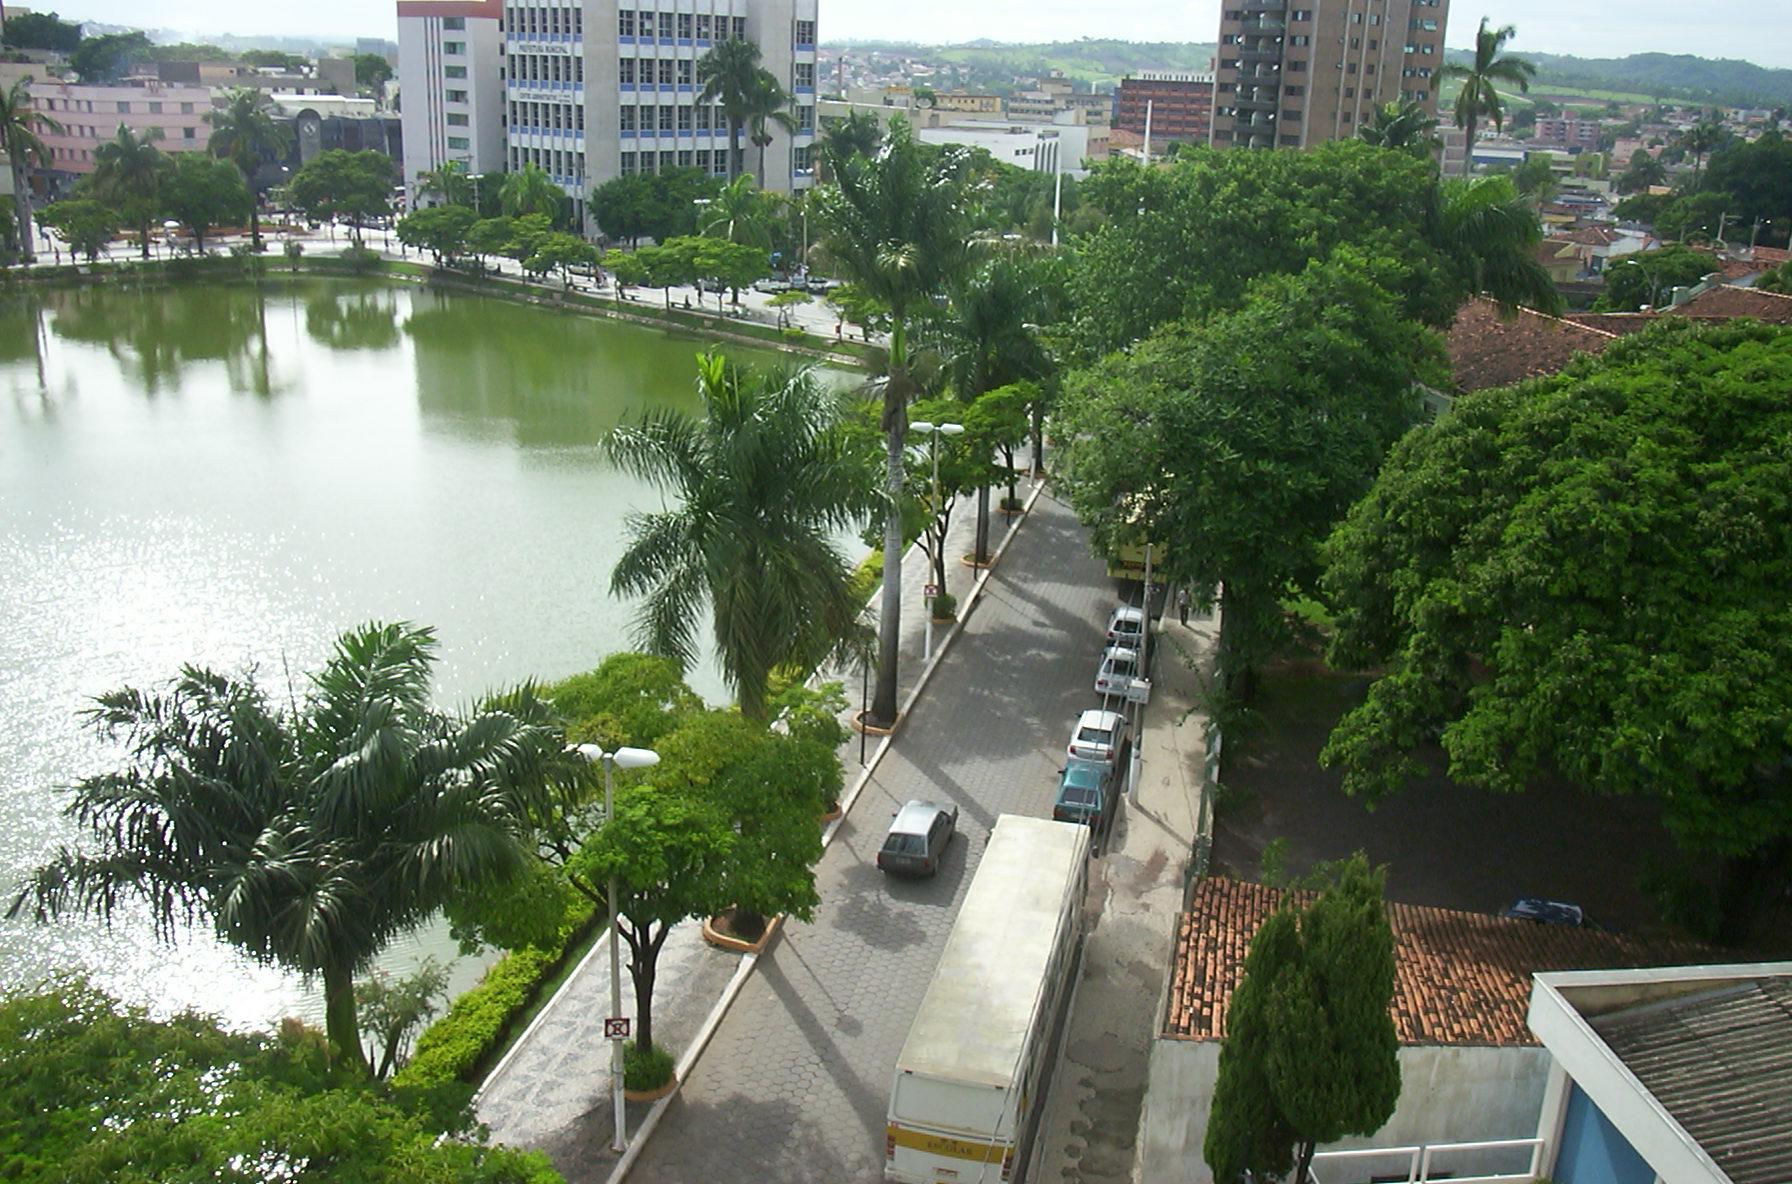 sete lagoas dating site Site web   modifier consultez la  documentation du modèle sete lagoas est une ville brésilienne du centre de l' état du minas gerais elle se situe par une  date de fondation 1880  localisation.